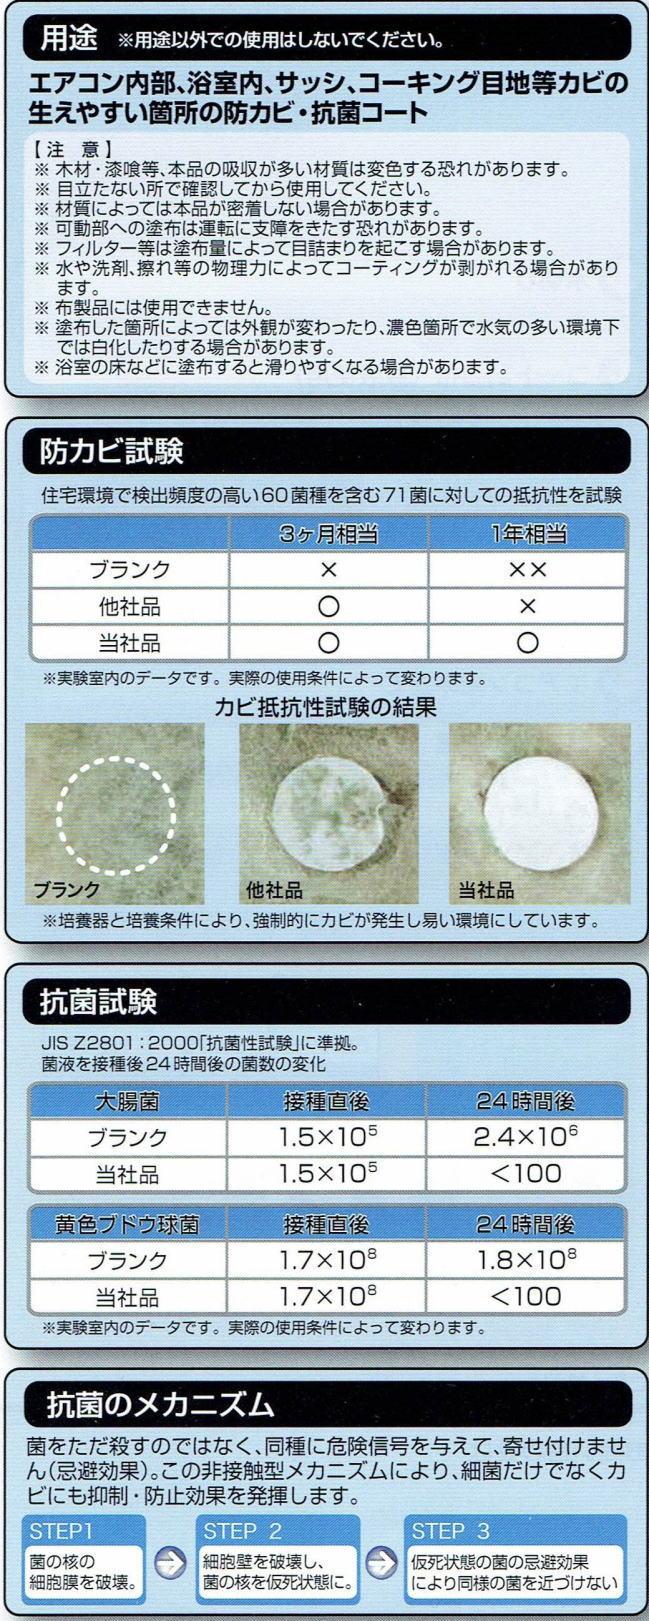 防カビ抗菌コートメーカー配布パンフ防カビ試験表